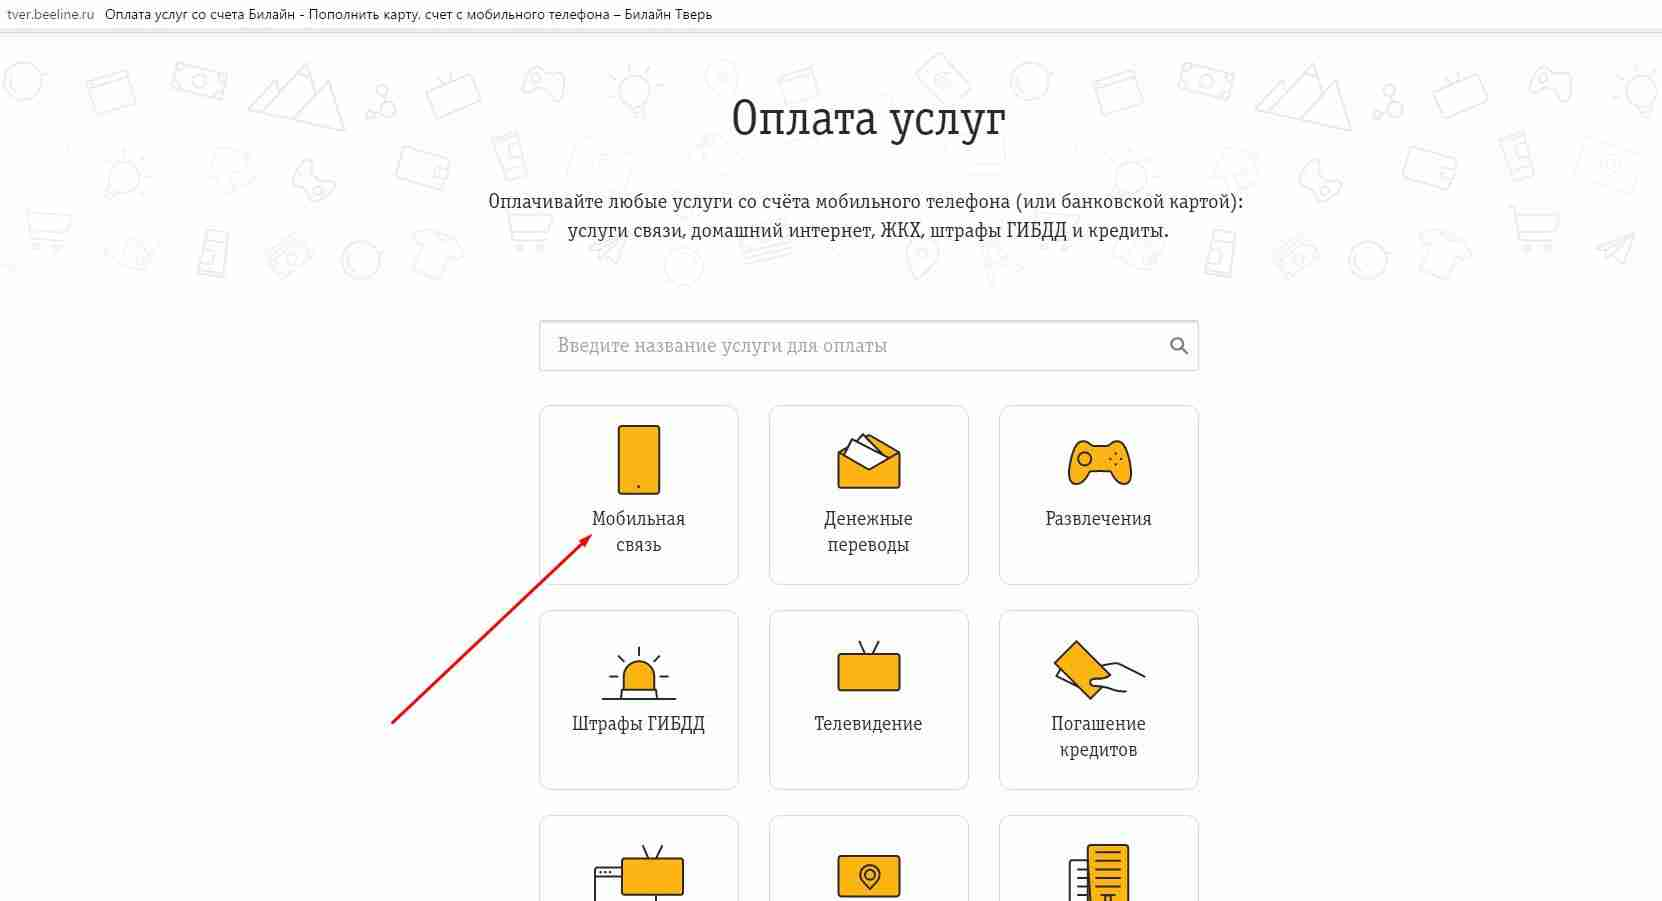 Как сделать перевод с мобильного телефона билайн